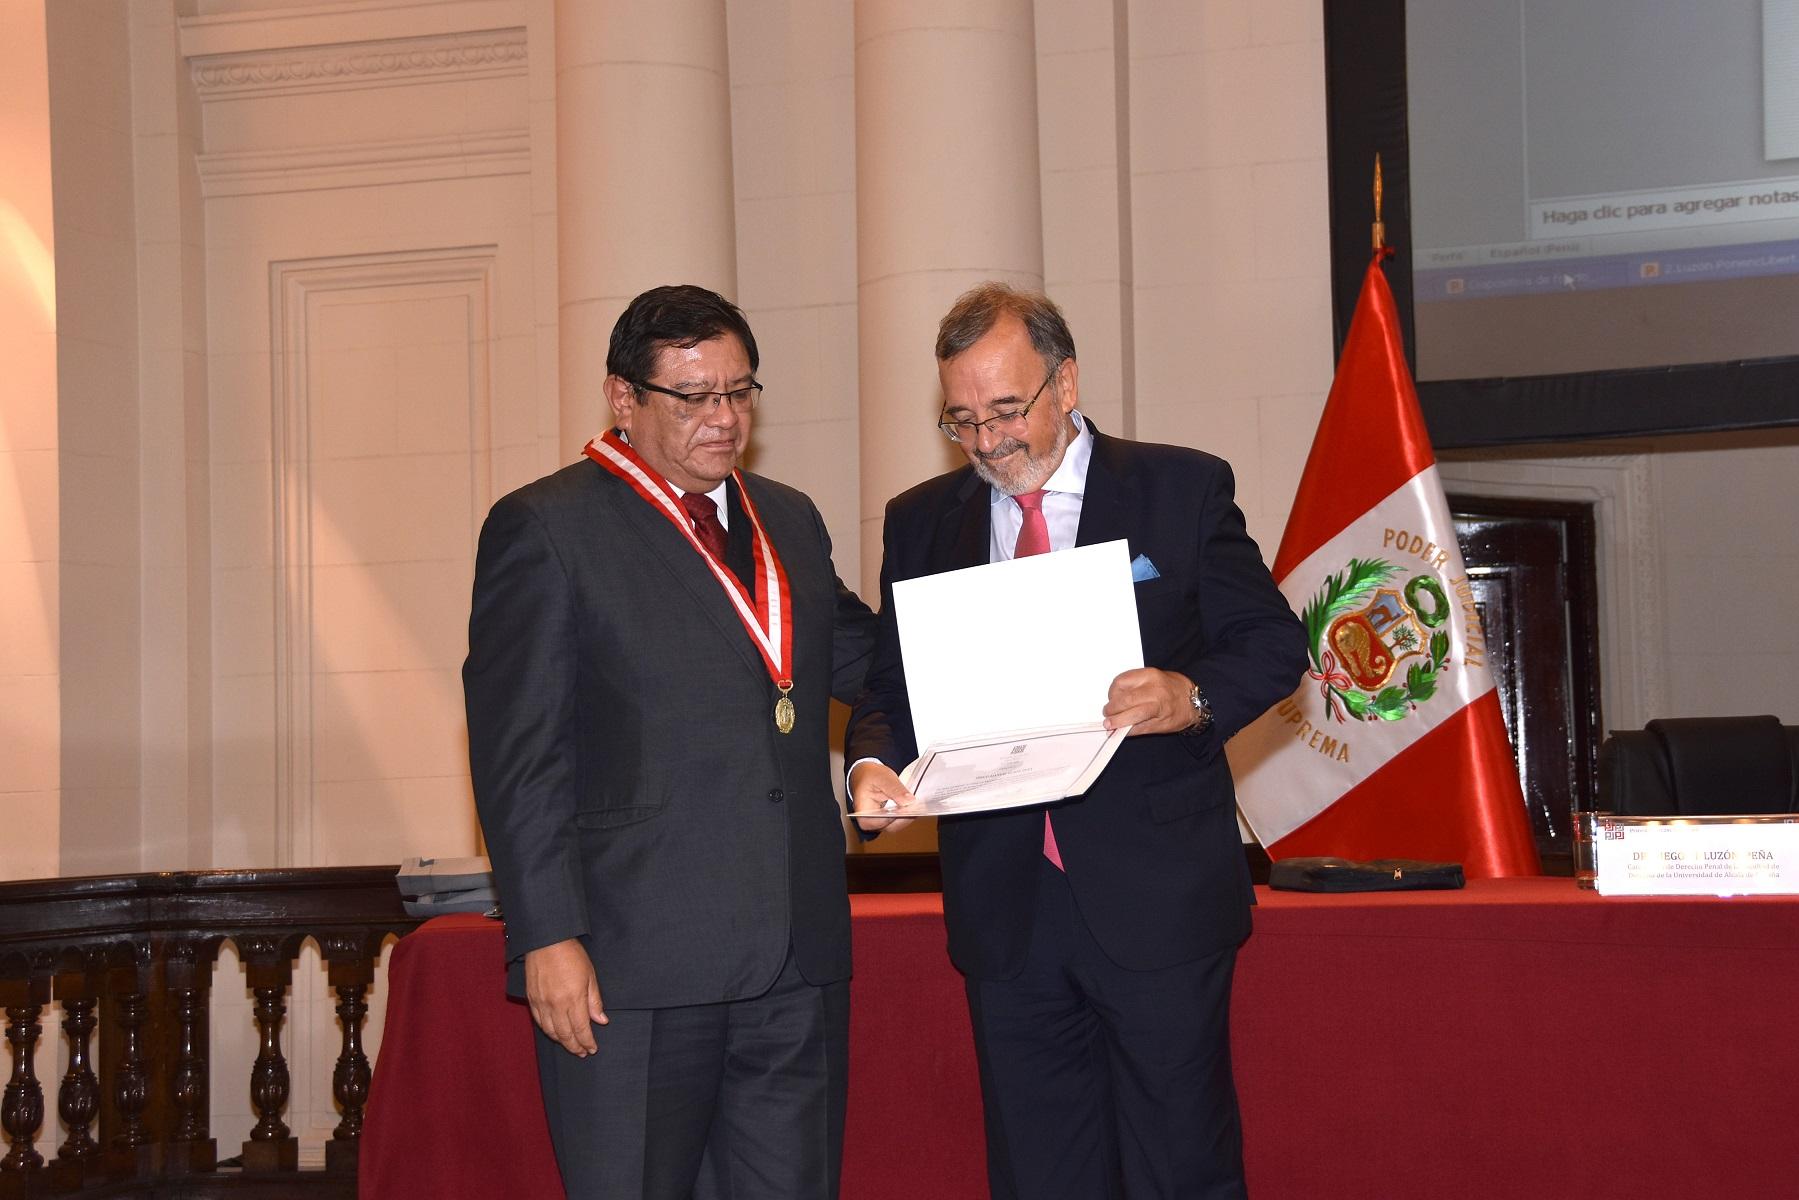 2016-10-6 CSJ Peru44, JuezSupr JorgeL Salas - DL 2305